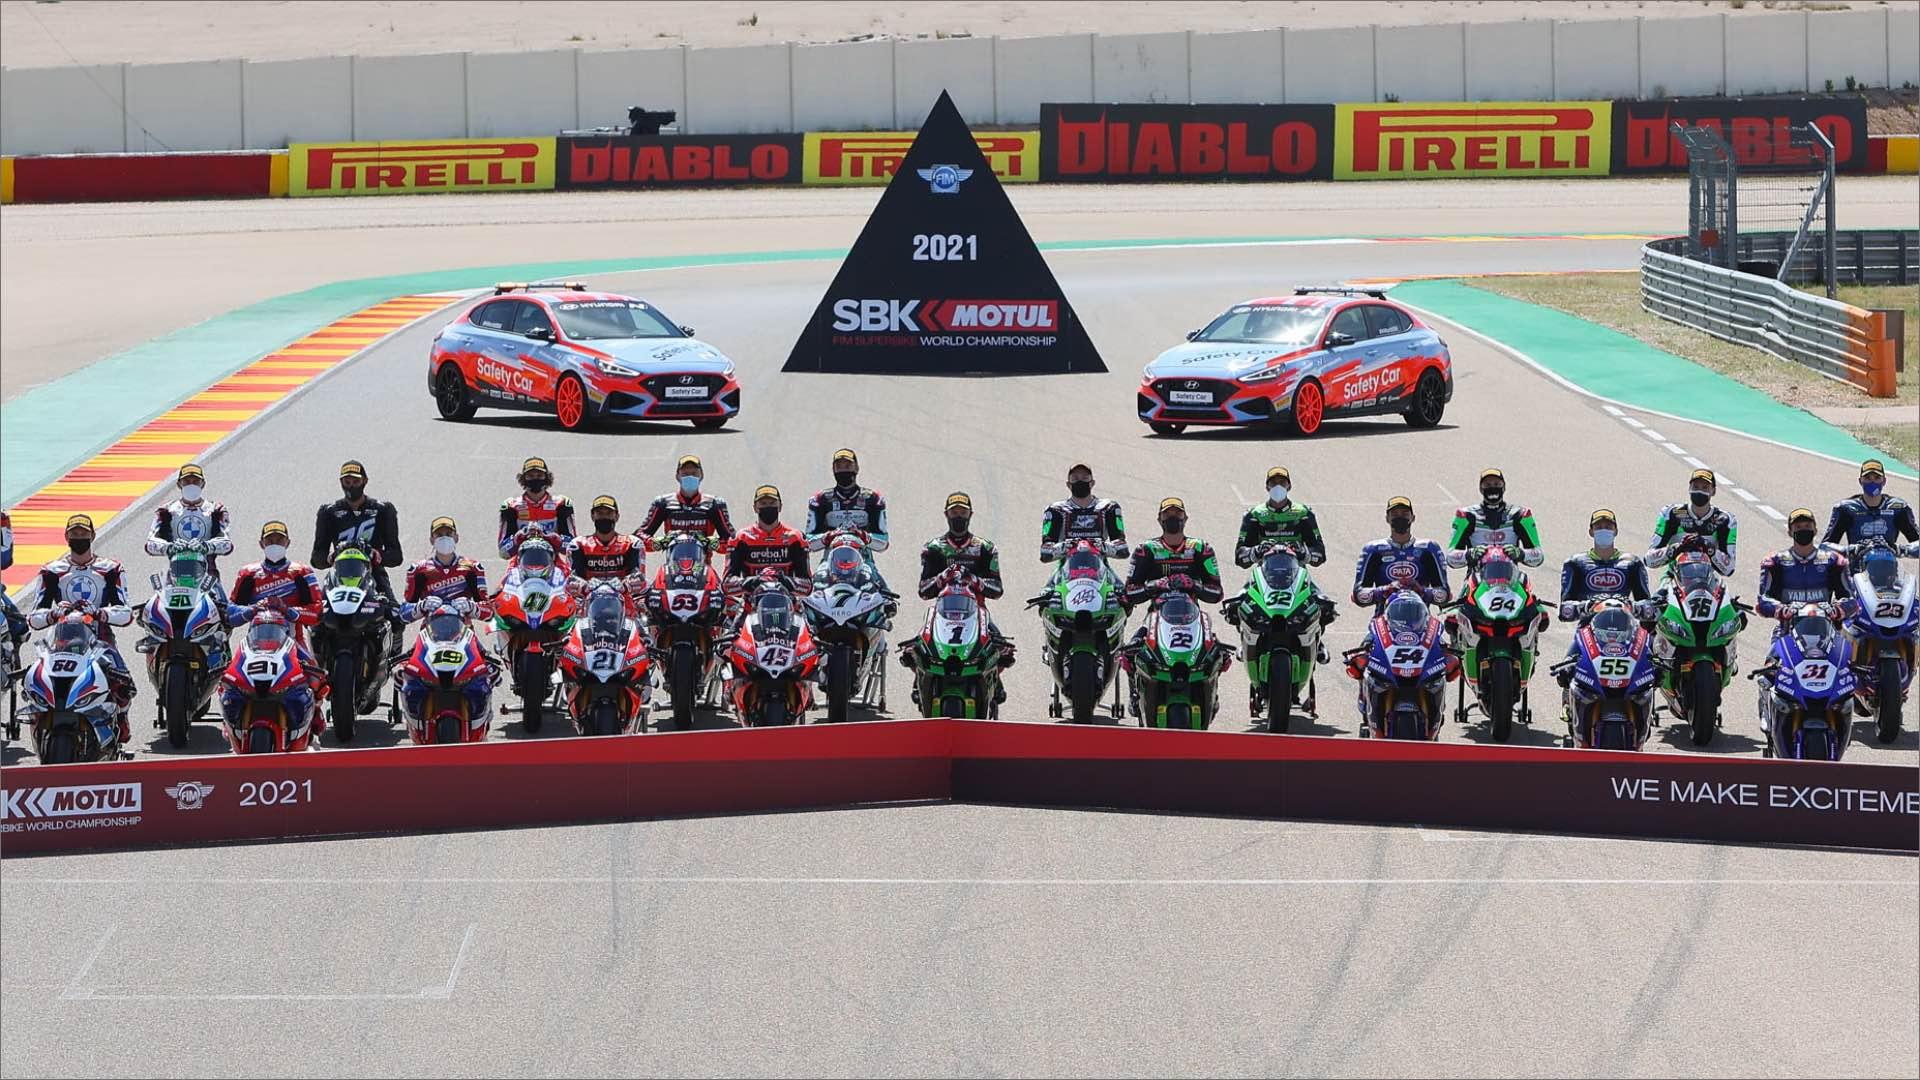 SBK, Misano World Circuit; sono oltre 5.000 gli ingressi giornalieri autorizzati.